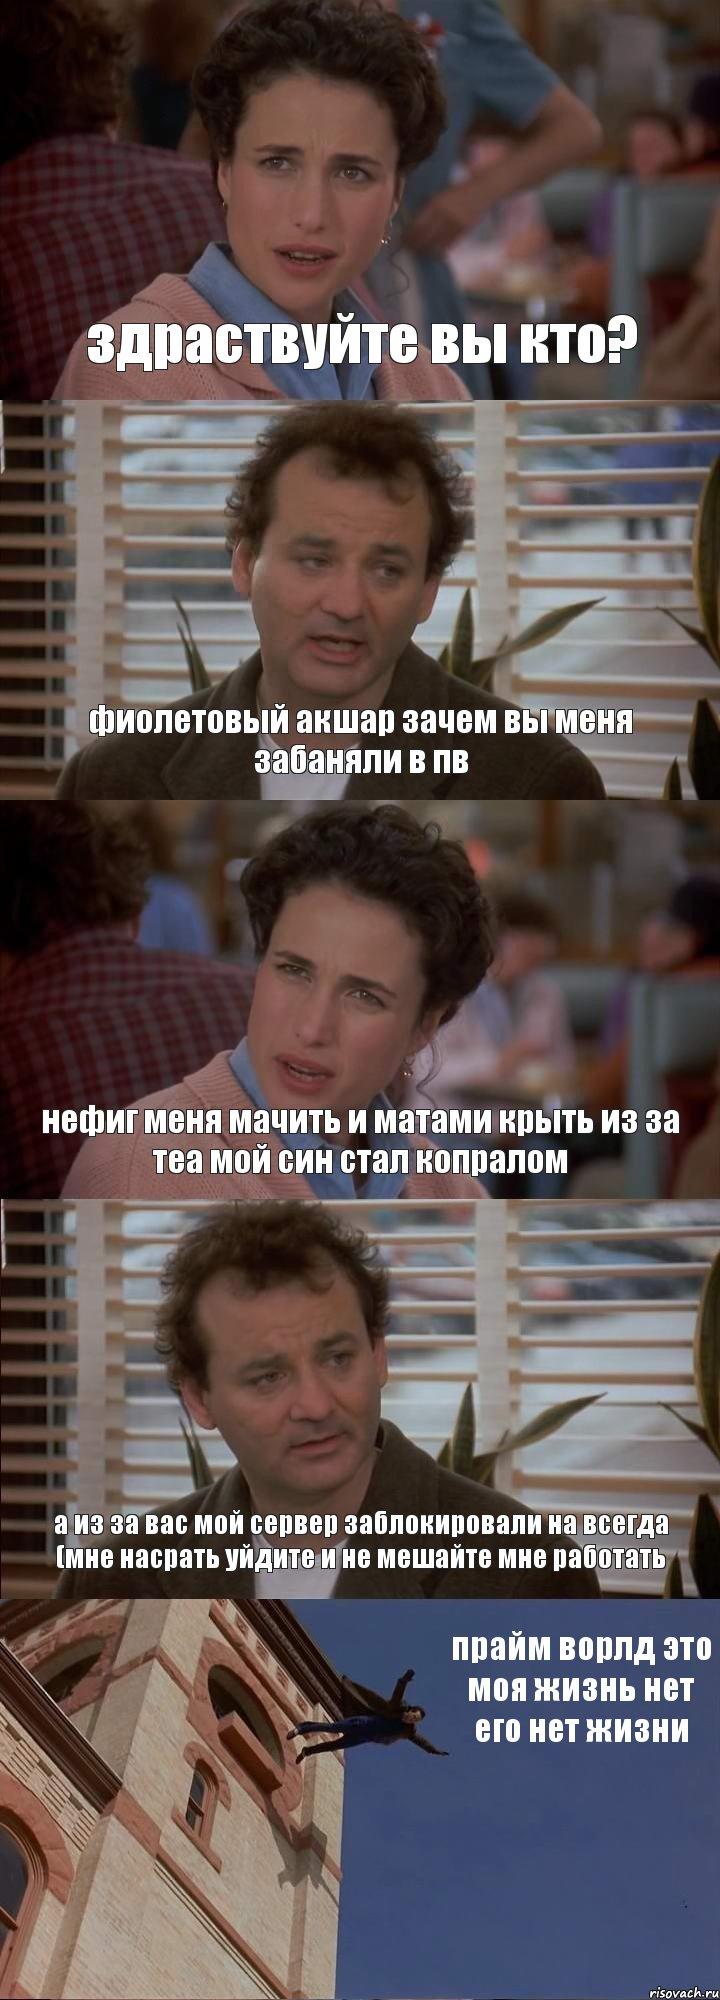 Узбекский мат син трахютса 11 фотография